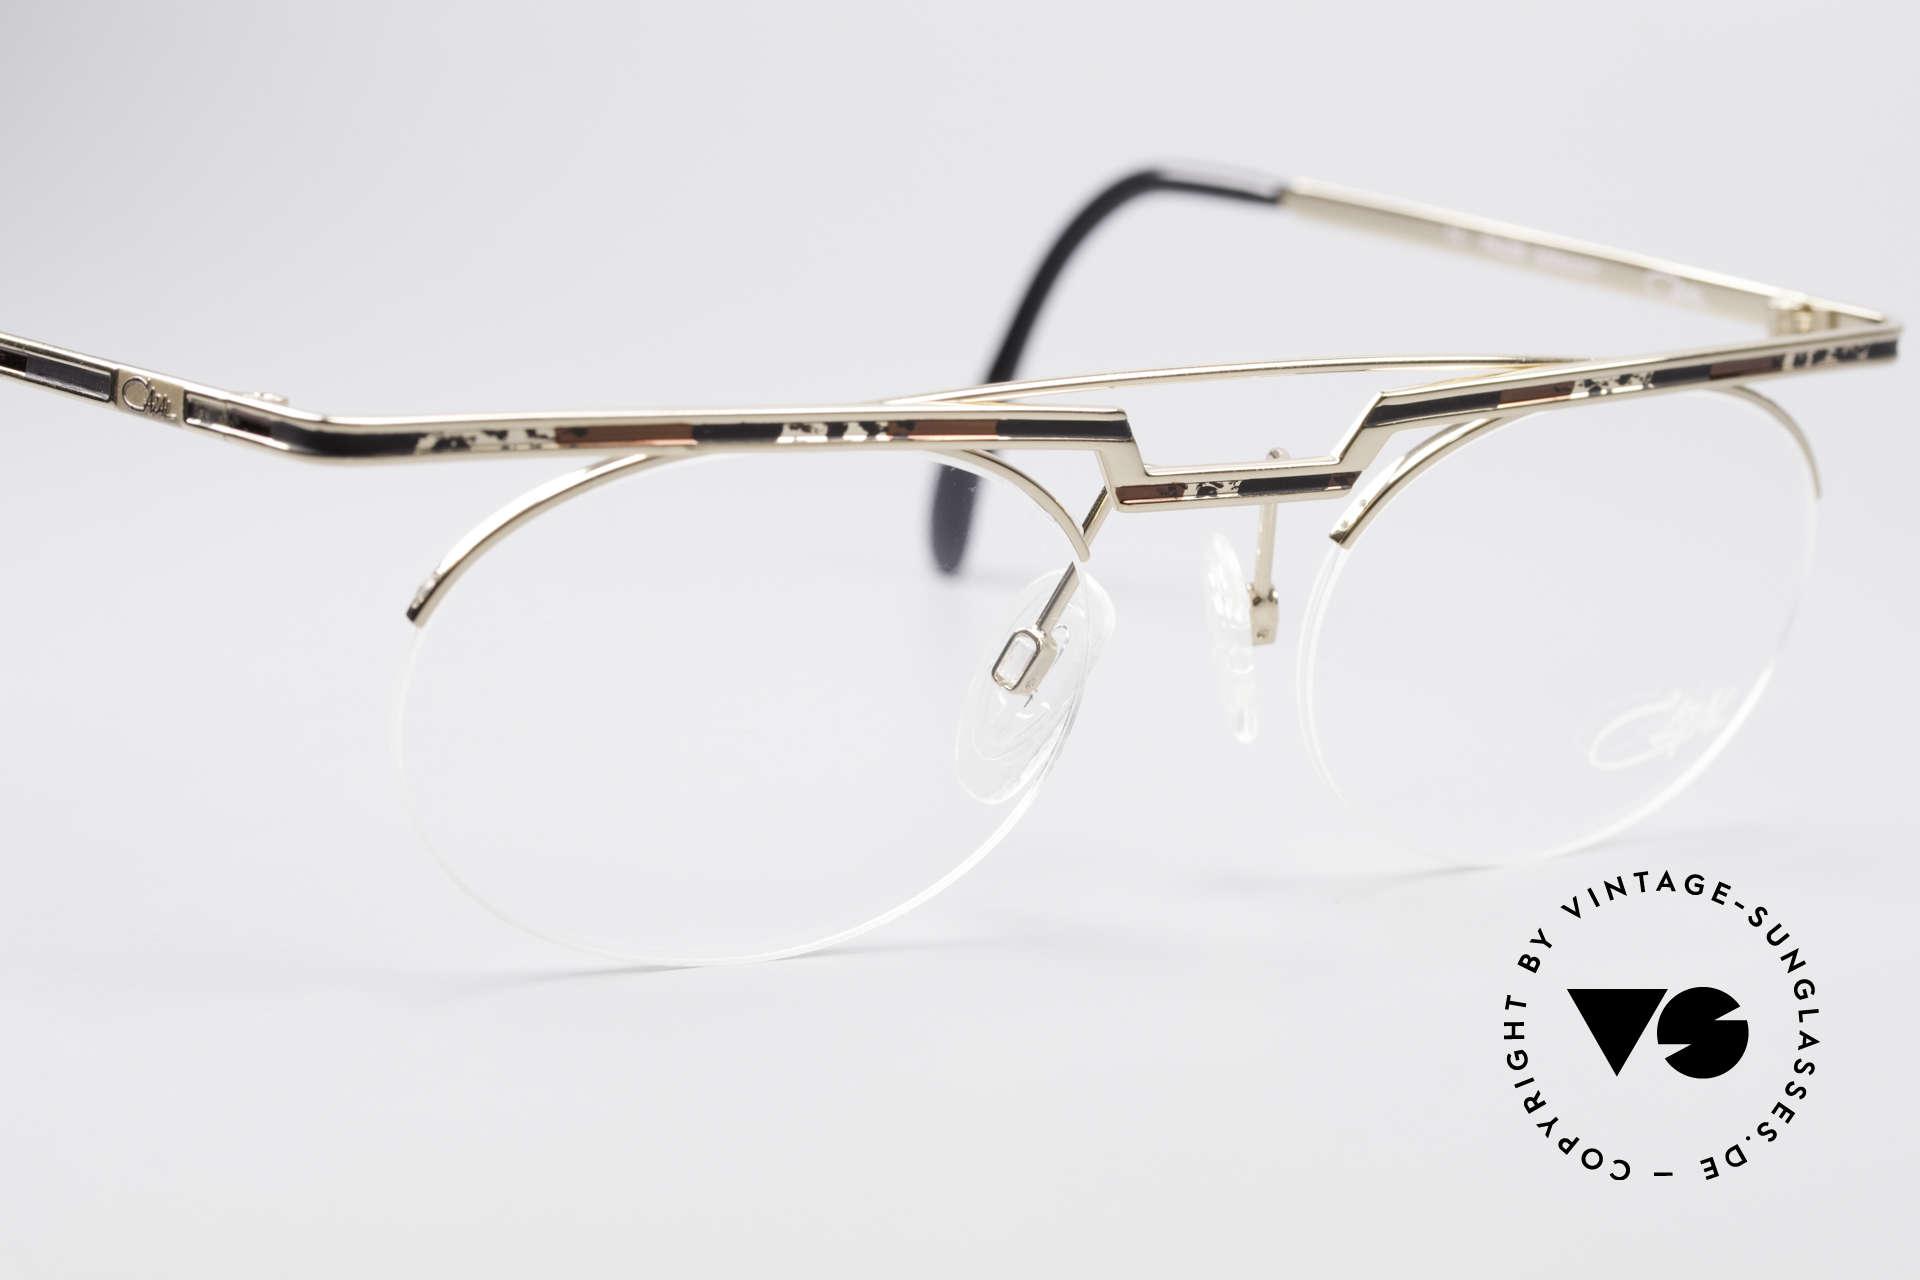 Cazal 758 Original 90er Vintage Brille, fühlbare Top-Qualität und Komfort (made in Germany), Passend für Herren und Damen